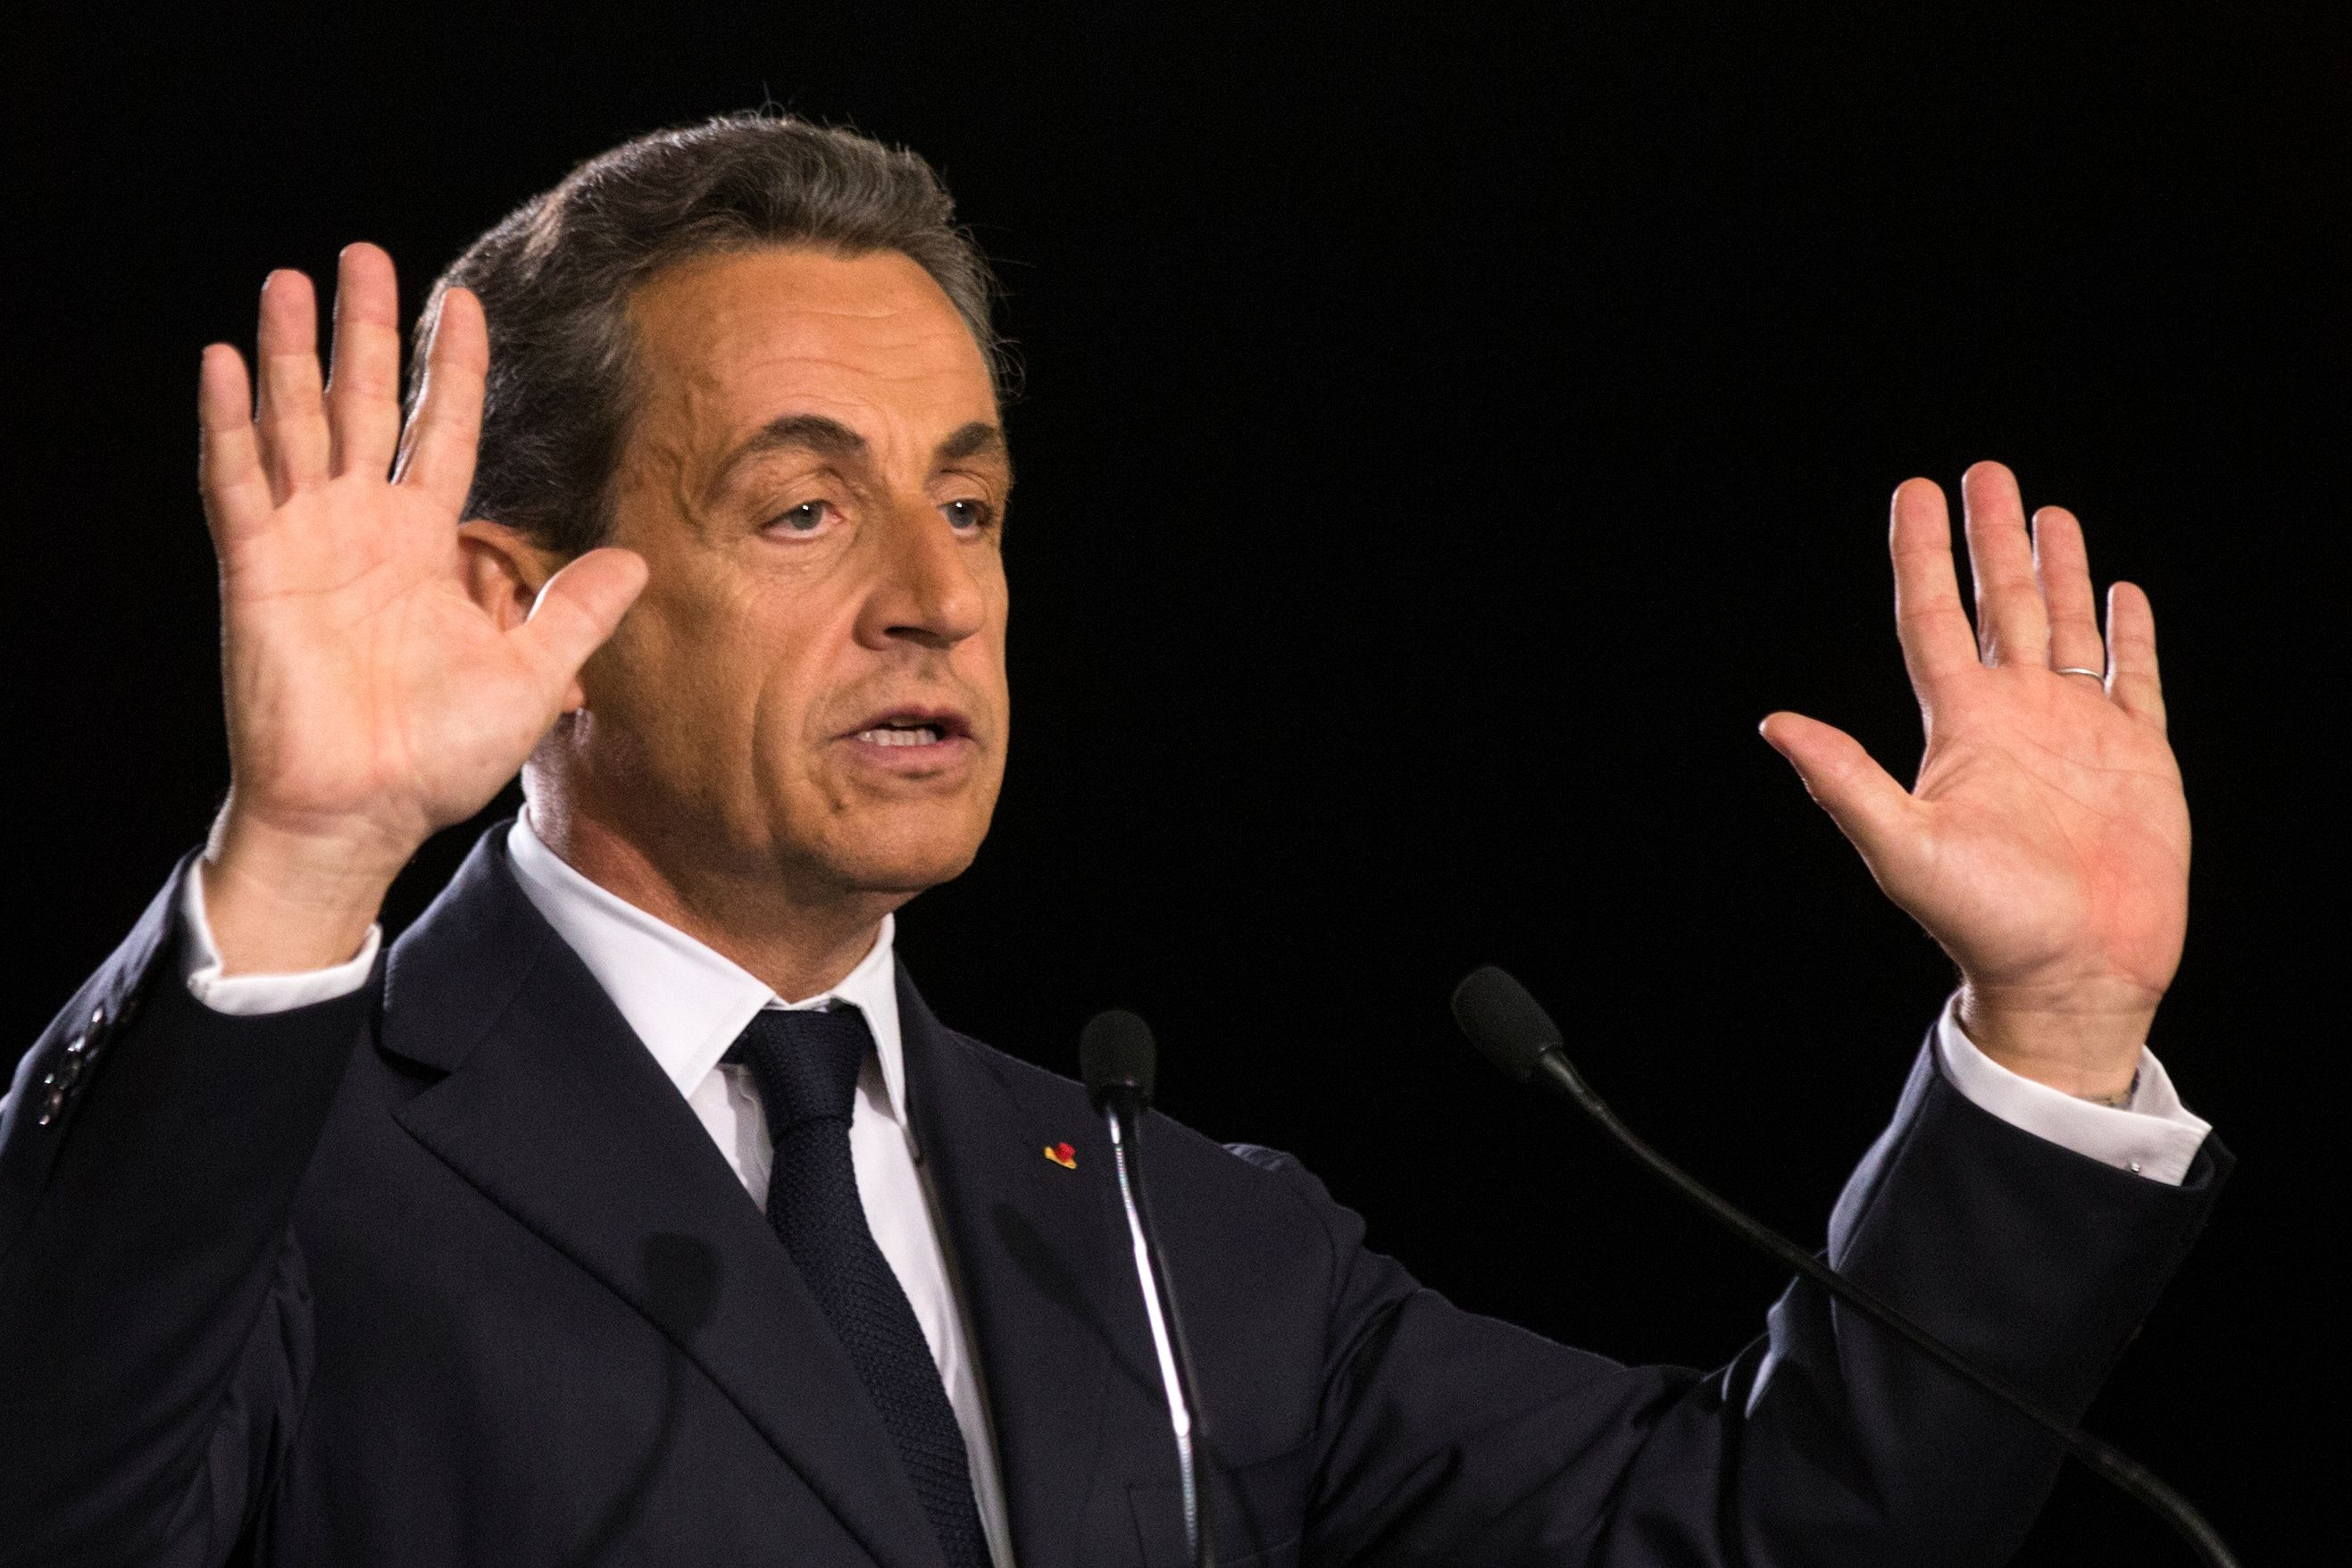 Affaire des écoutes : une QPC devrait retarder la procédure judiciaire contre Nicolas Sarkozy